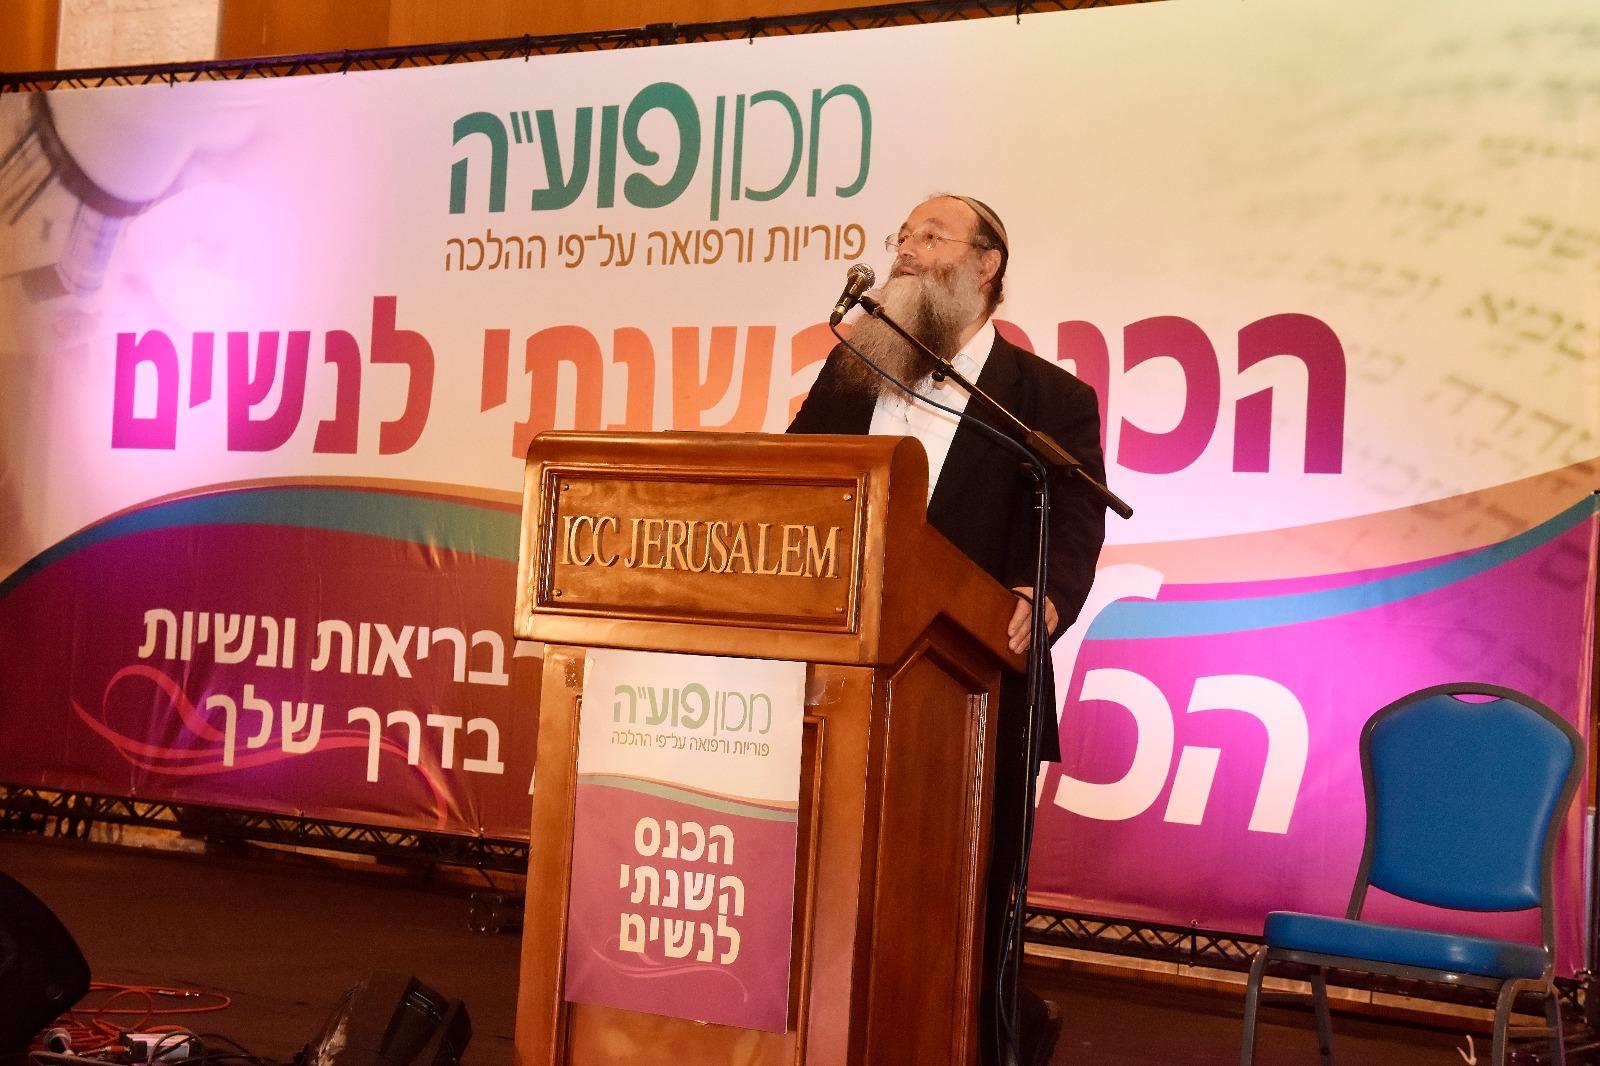 כל הפרטים: הכנס השנתי לנשים בירושלים